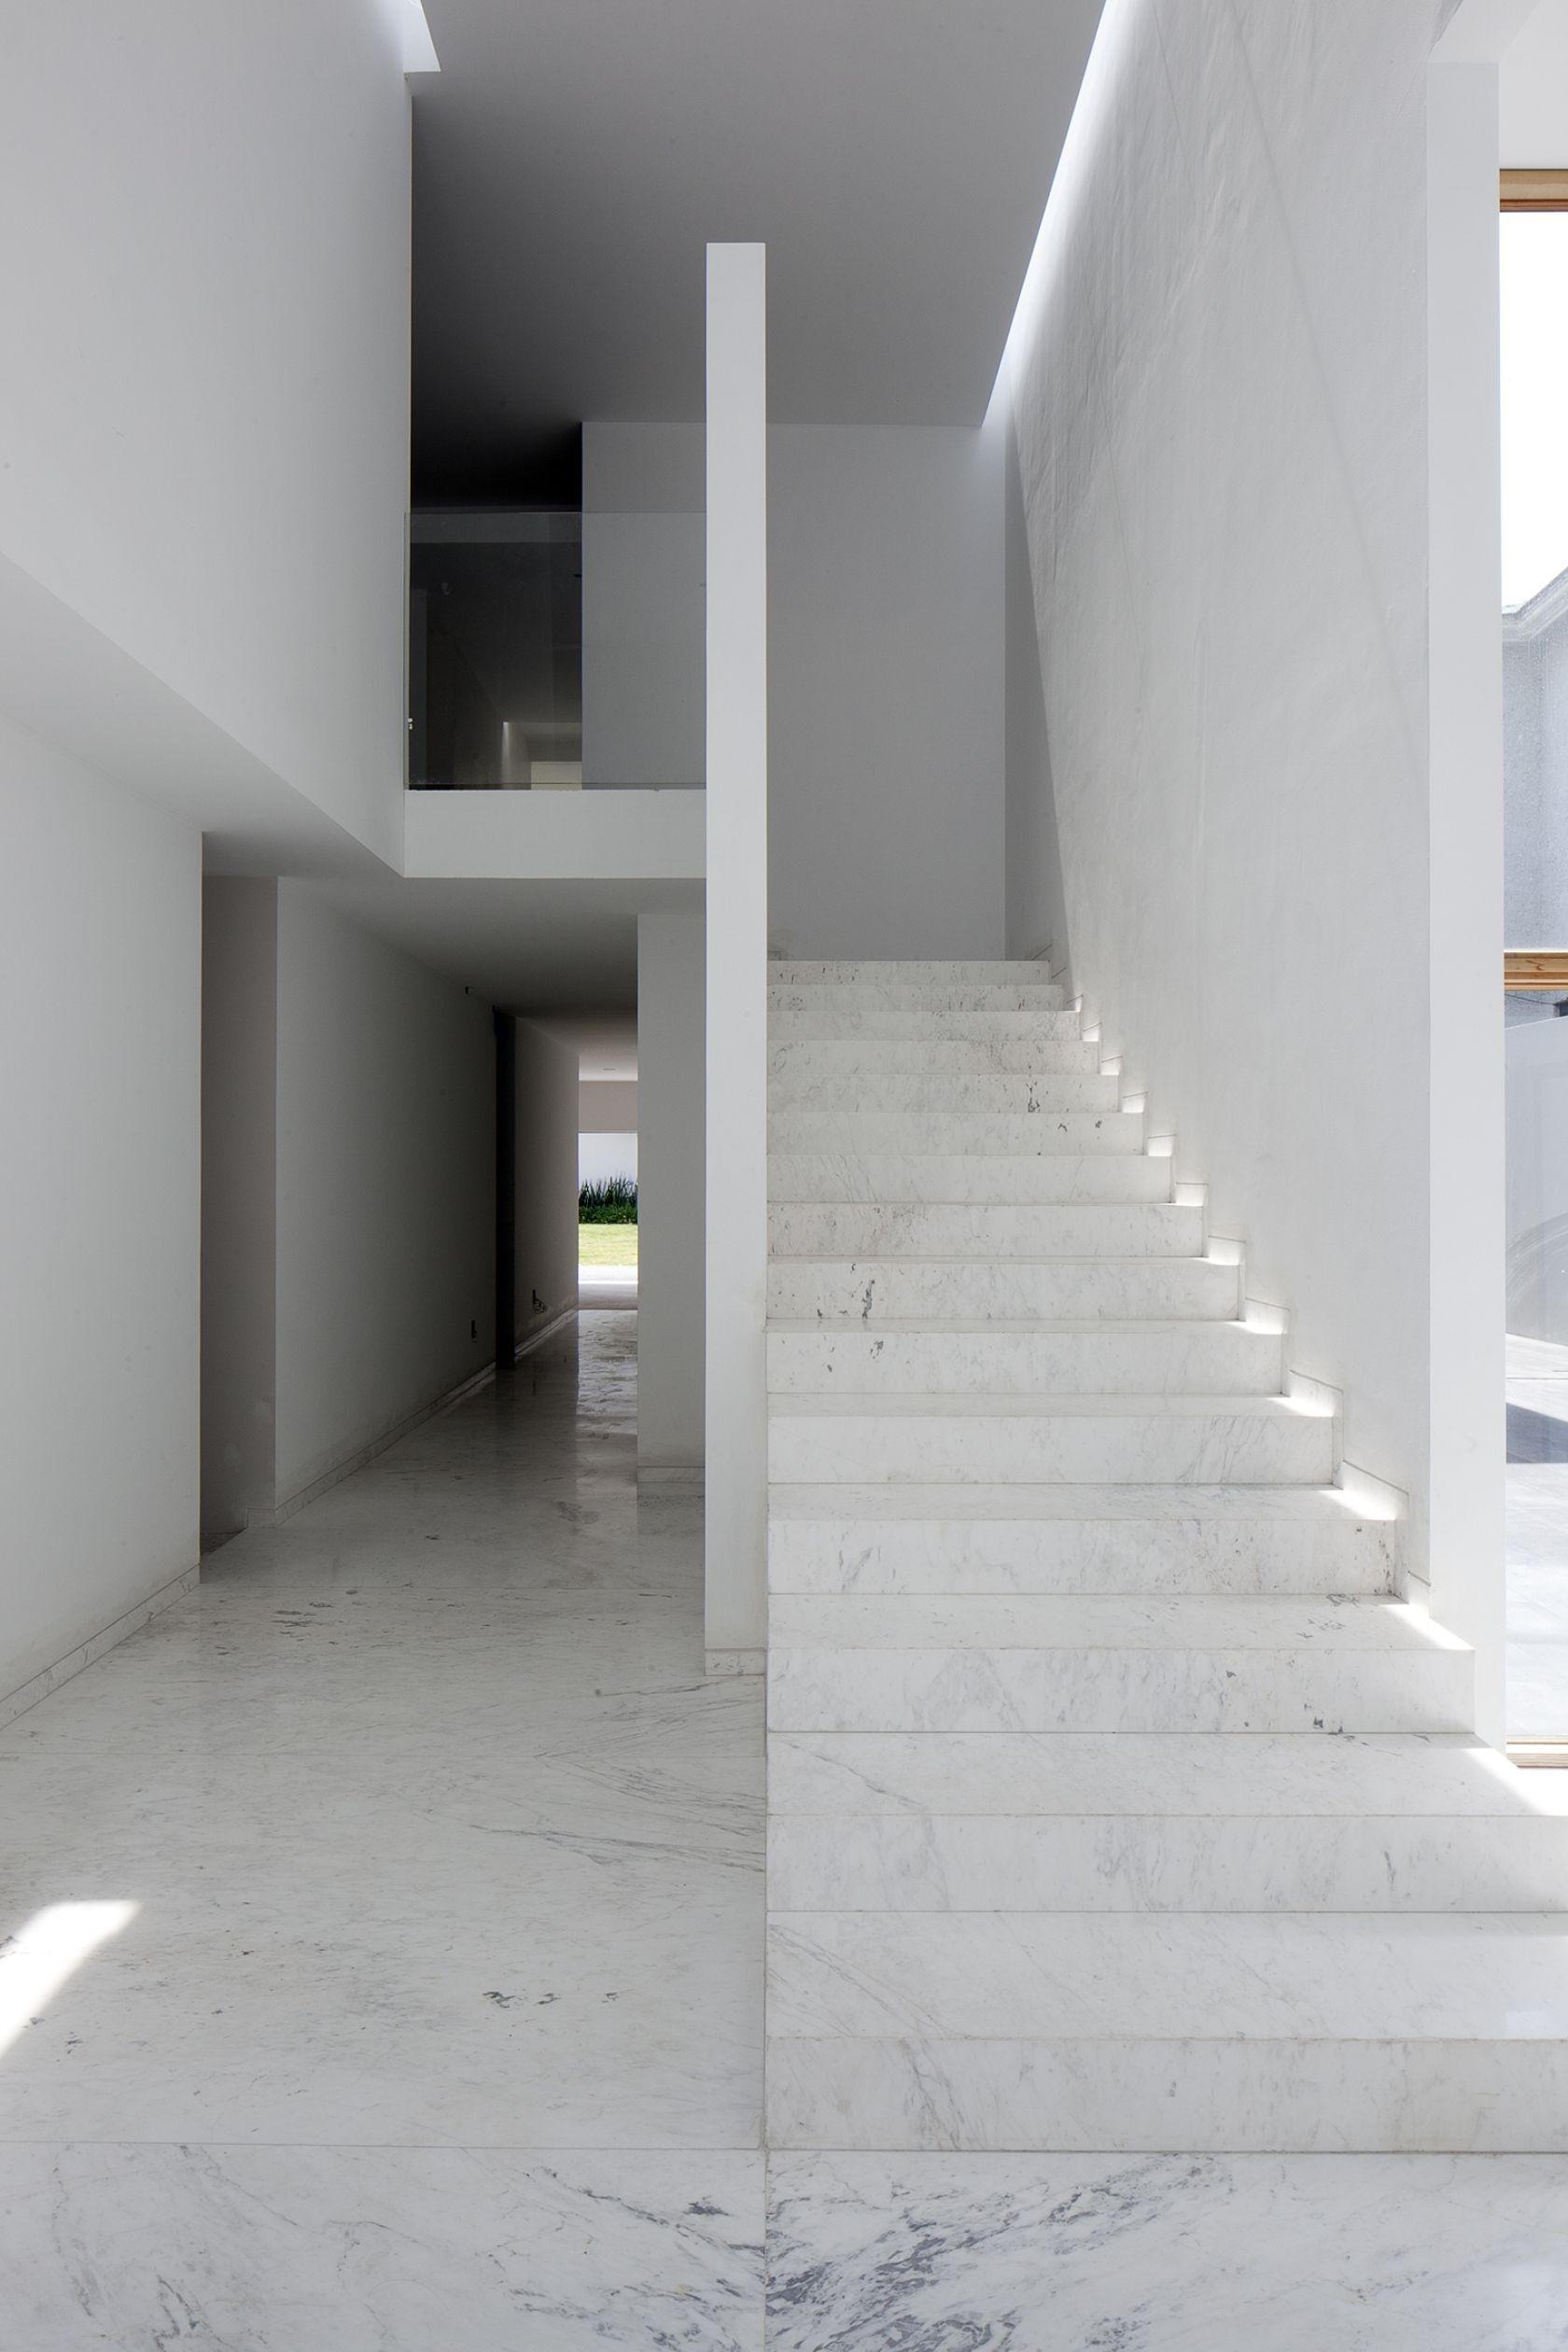 Lucio Muniain Casa Ar Puebla De Zaragoza Interior Architecture Design Minimalist Architecture Interior Architecture